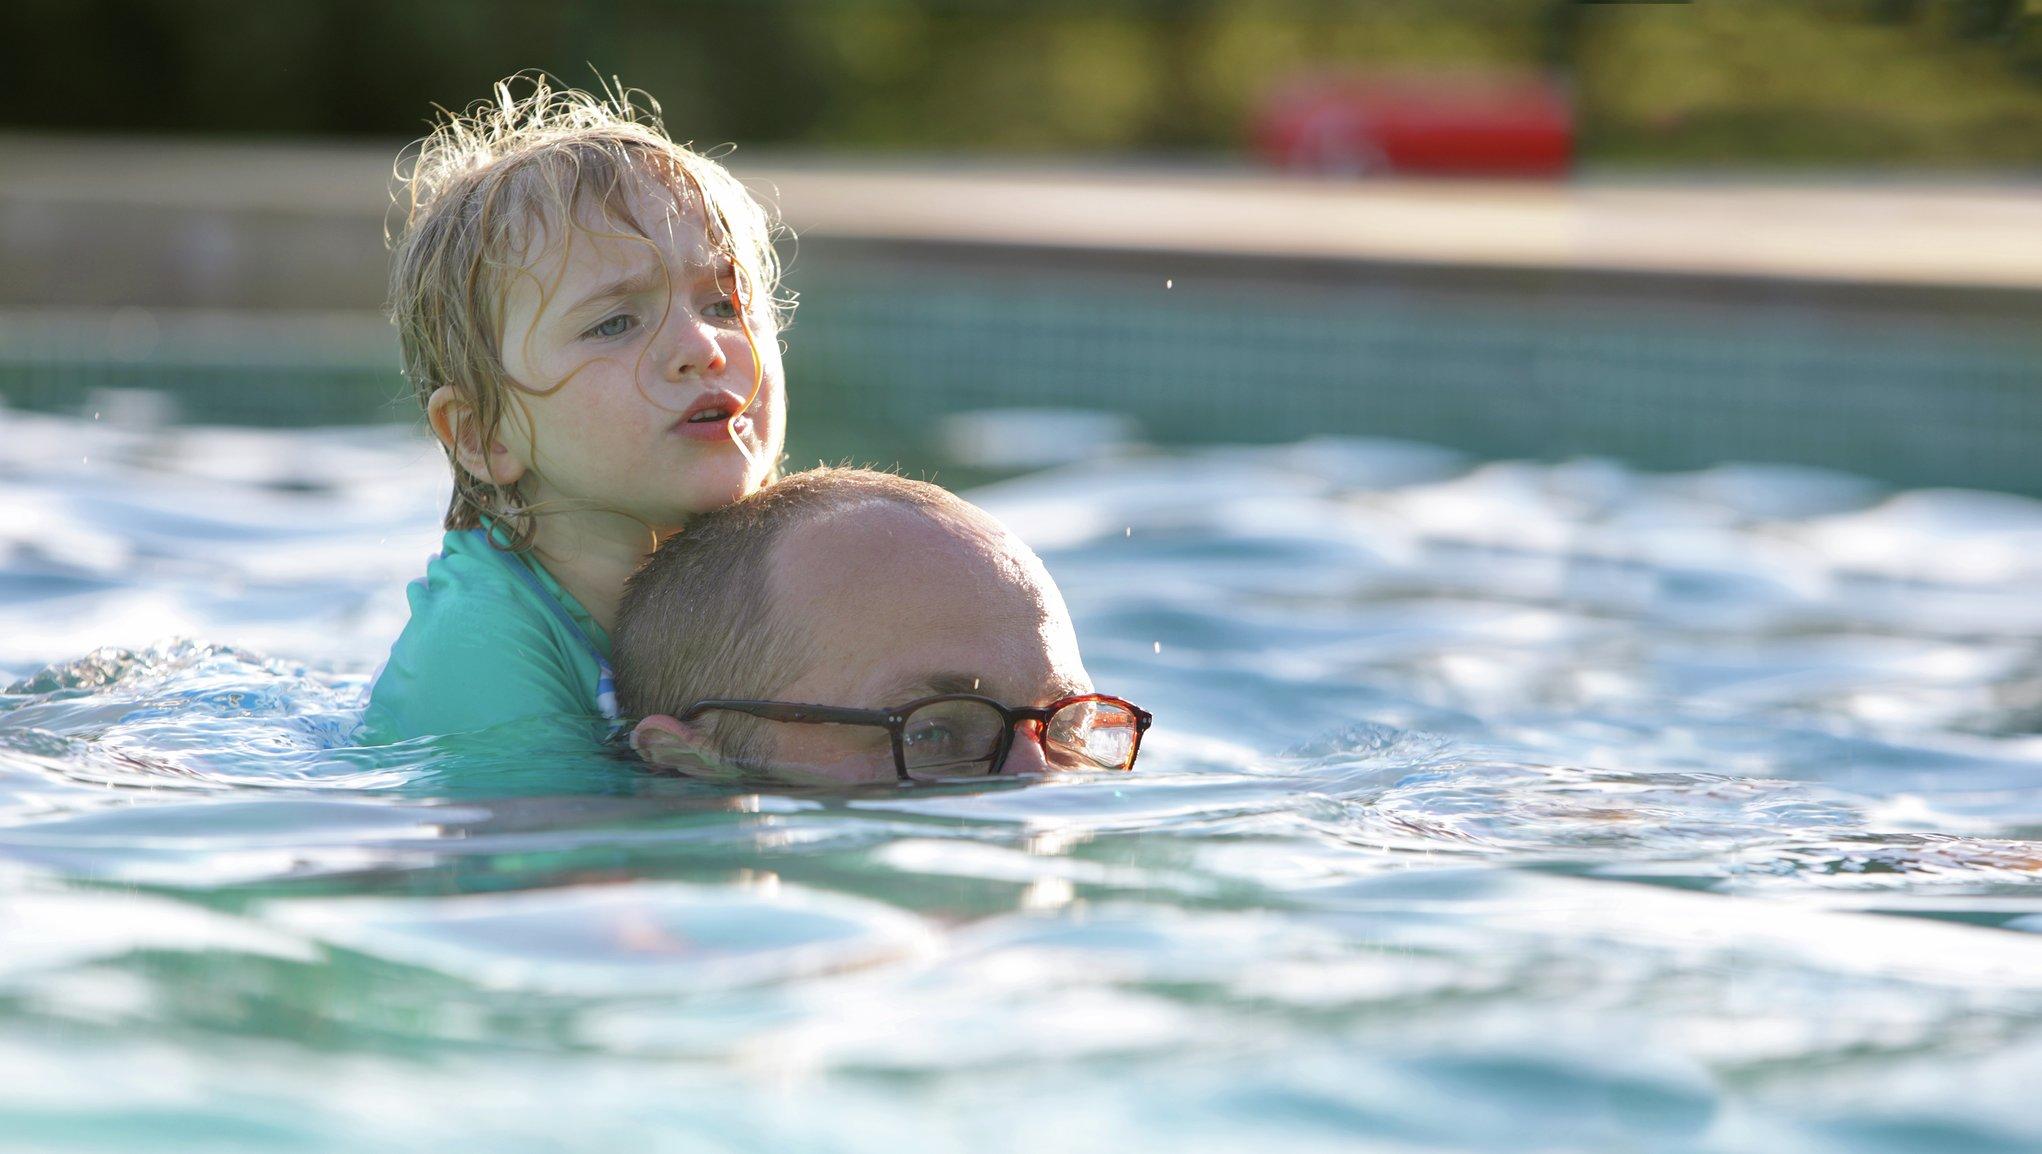 Bad i pool